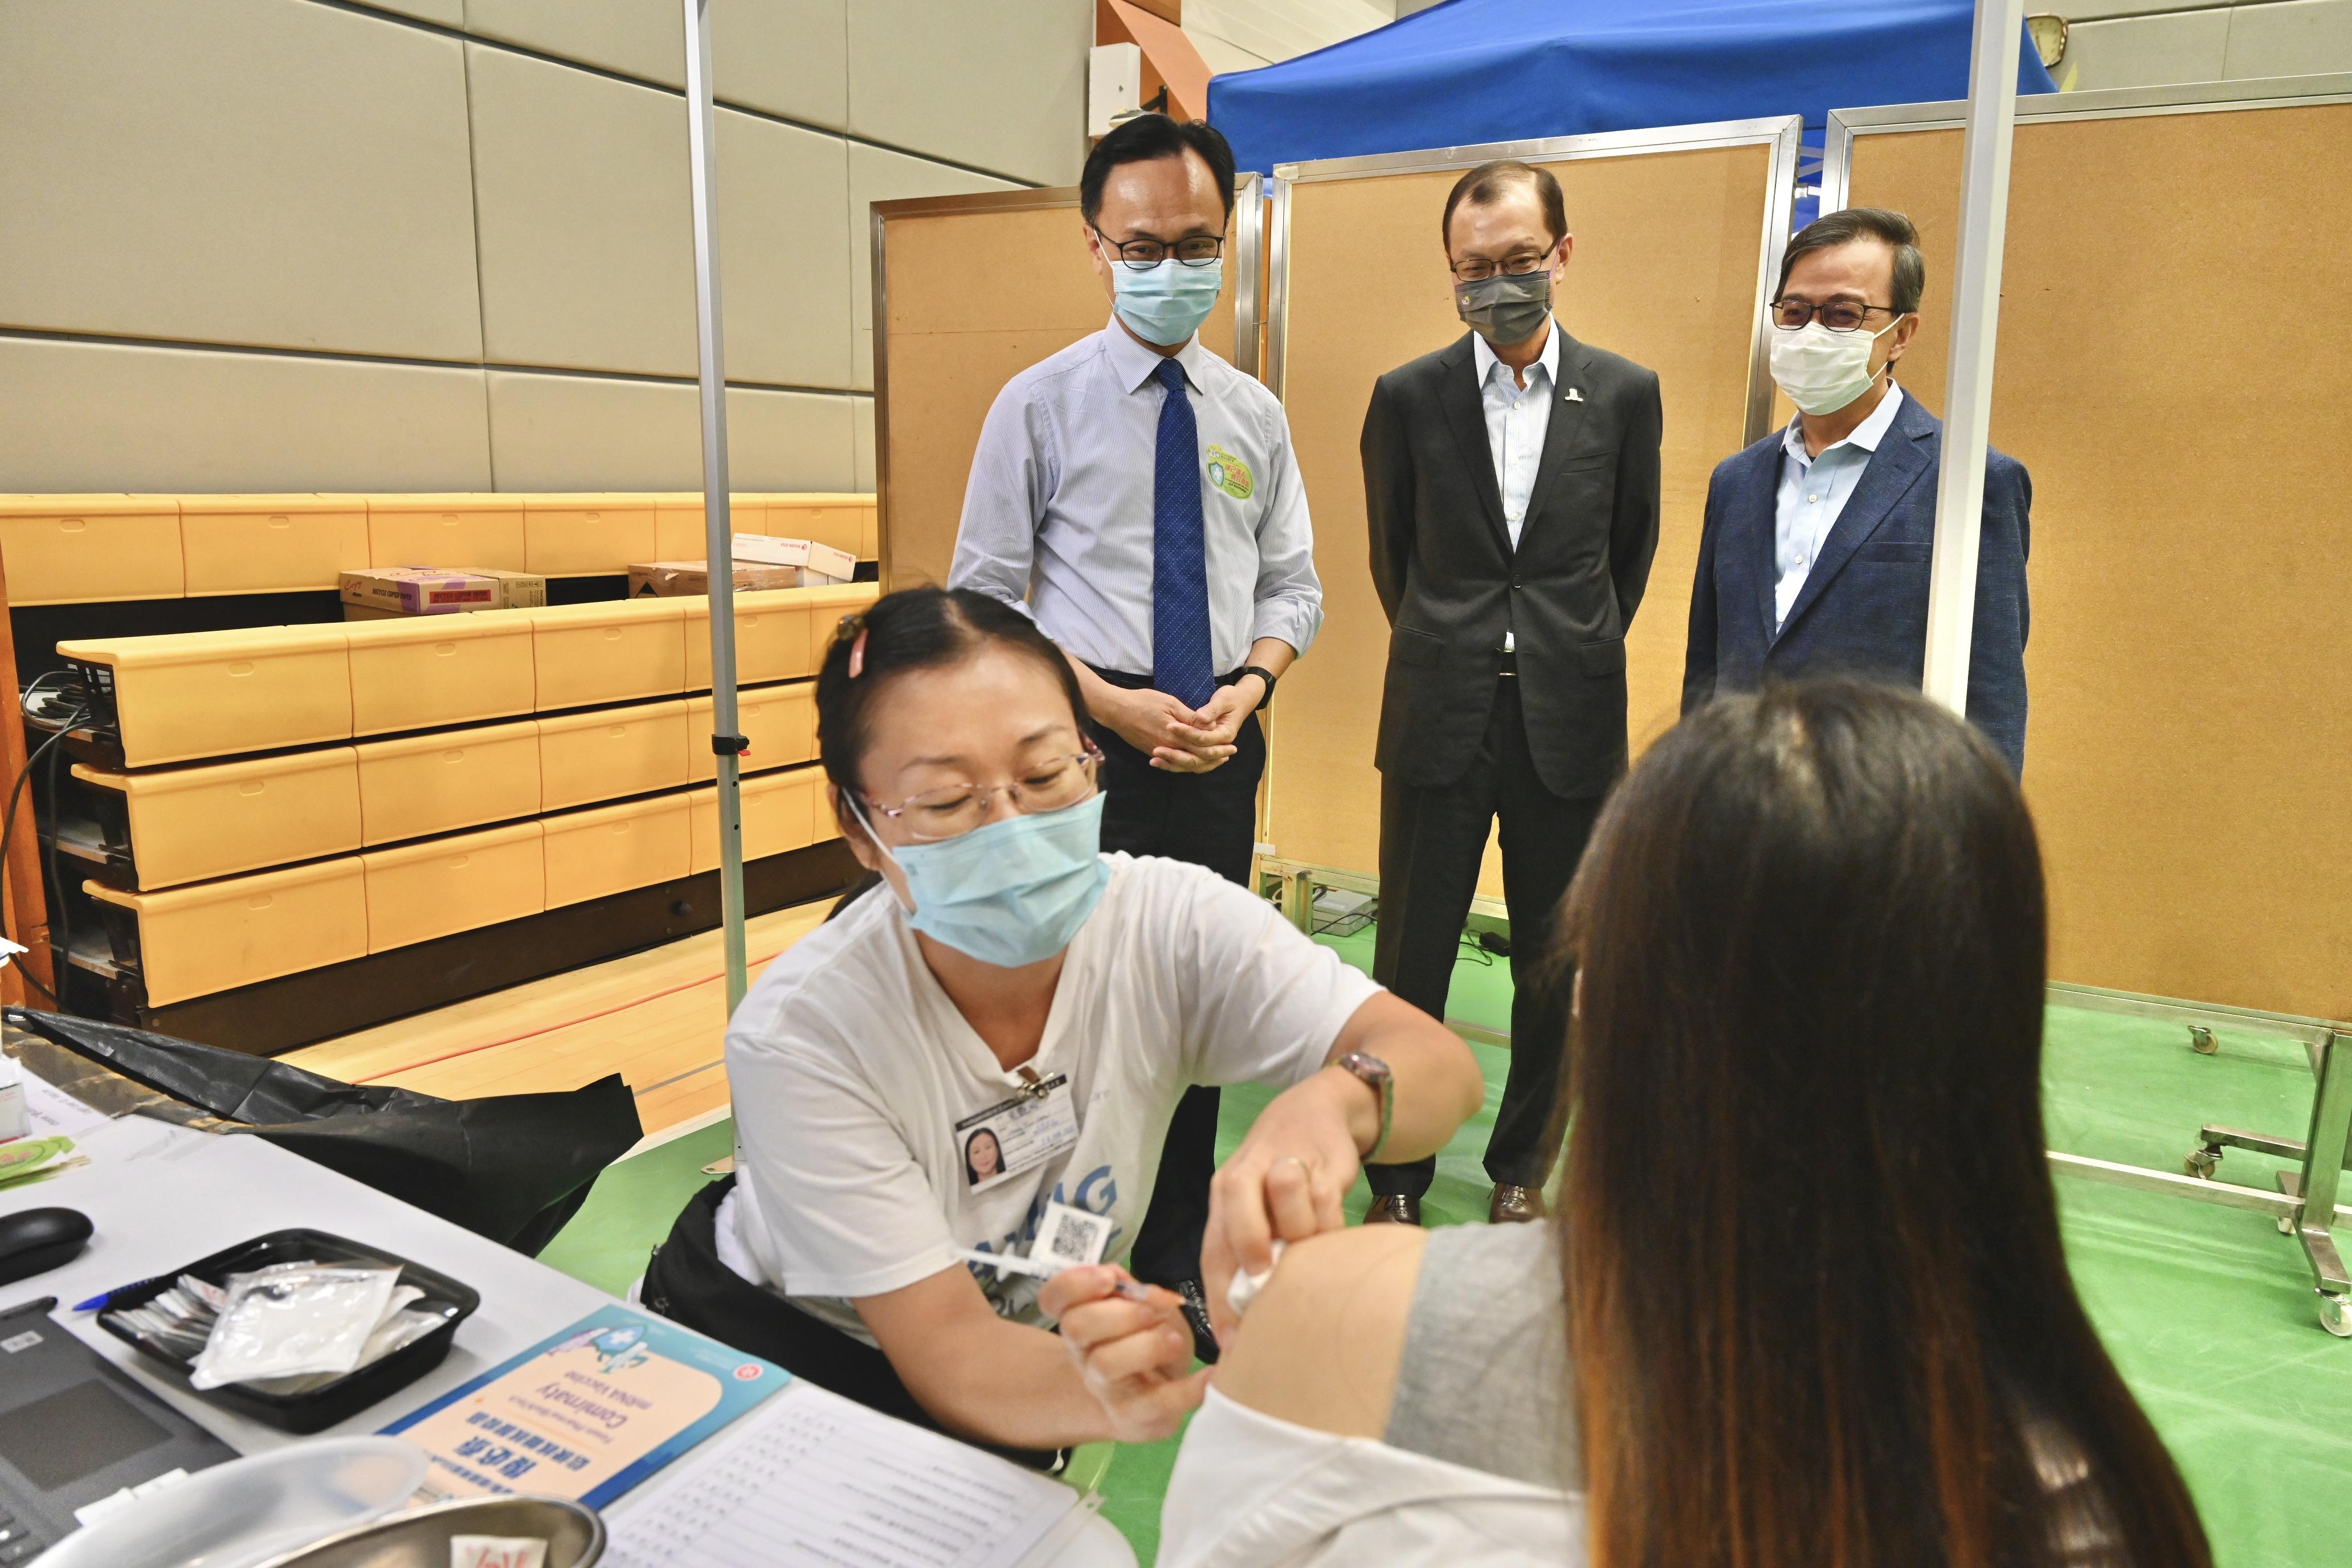 政府外展隊今明兩日為中大逾400人接種疫苗